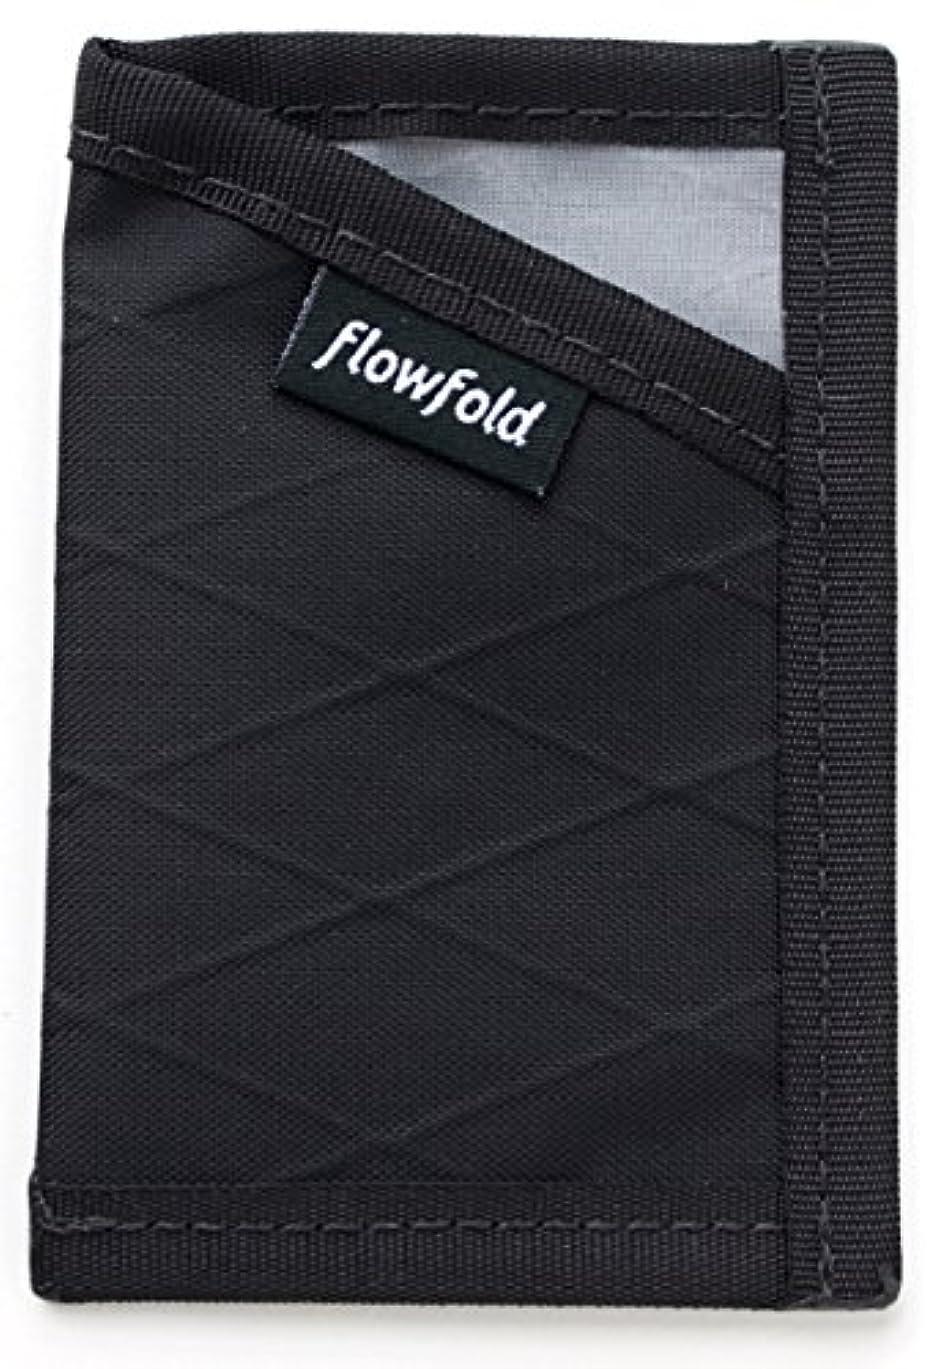 風が強い役割ロケーションフローフォールド(Flowfold) アウトドア 財布 カードホルダーワレット ミニマリスト リミテッド ジェットブラック FFTJ021000